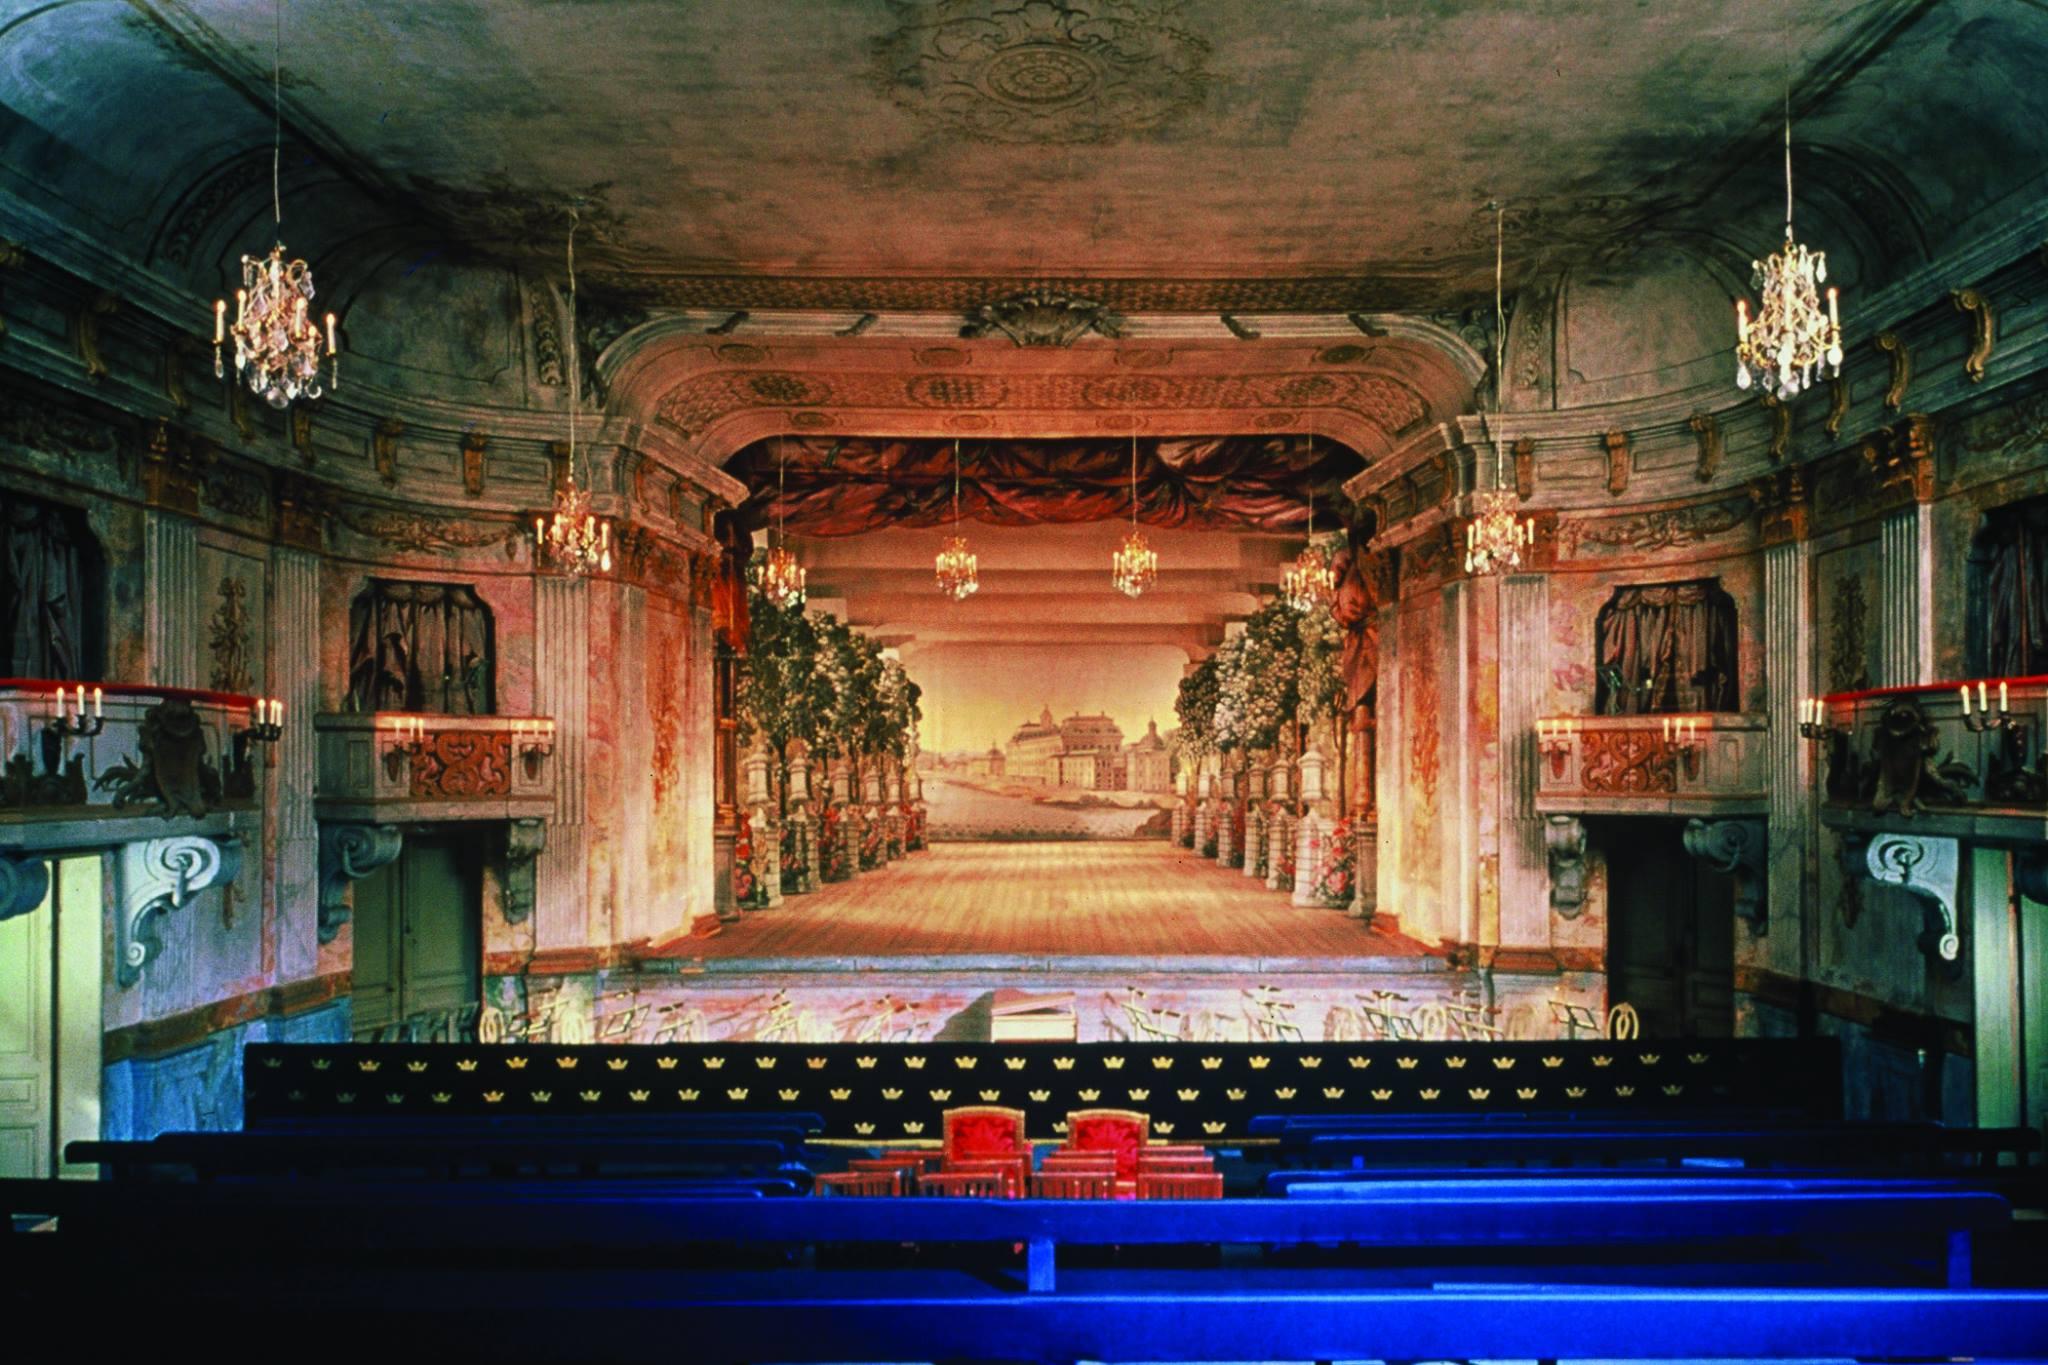 Зал театра, построенного в 1766 г, был бережно отреставрирован в 2004 г.